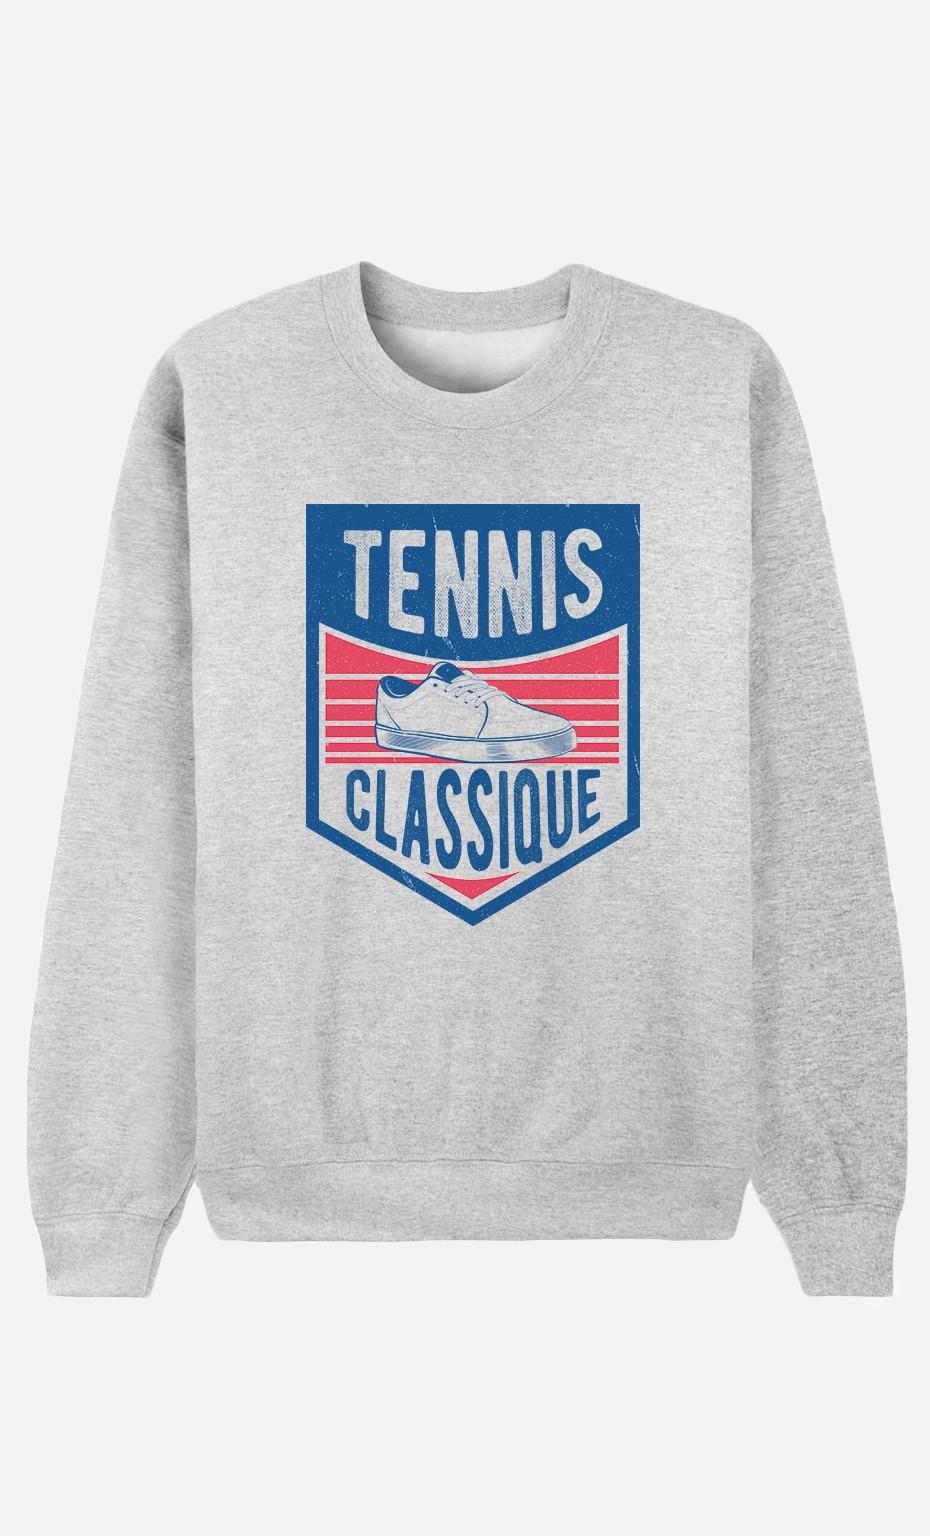 Sweat Homme Tennis Classique